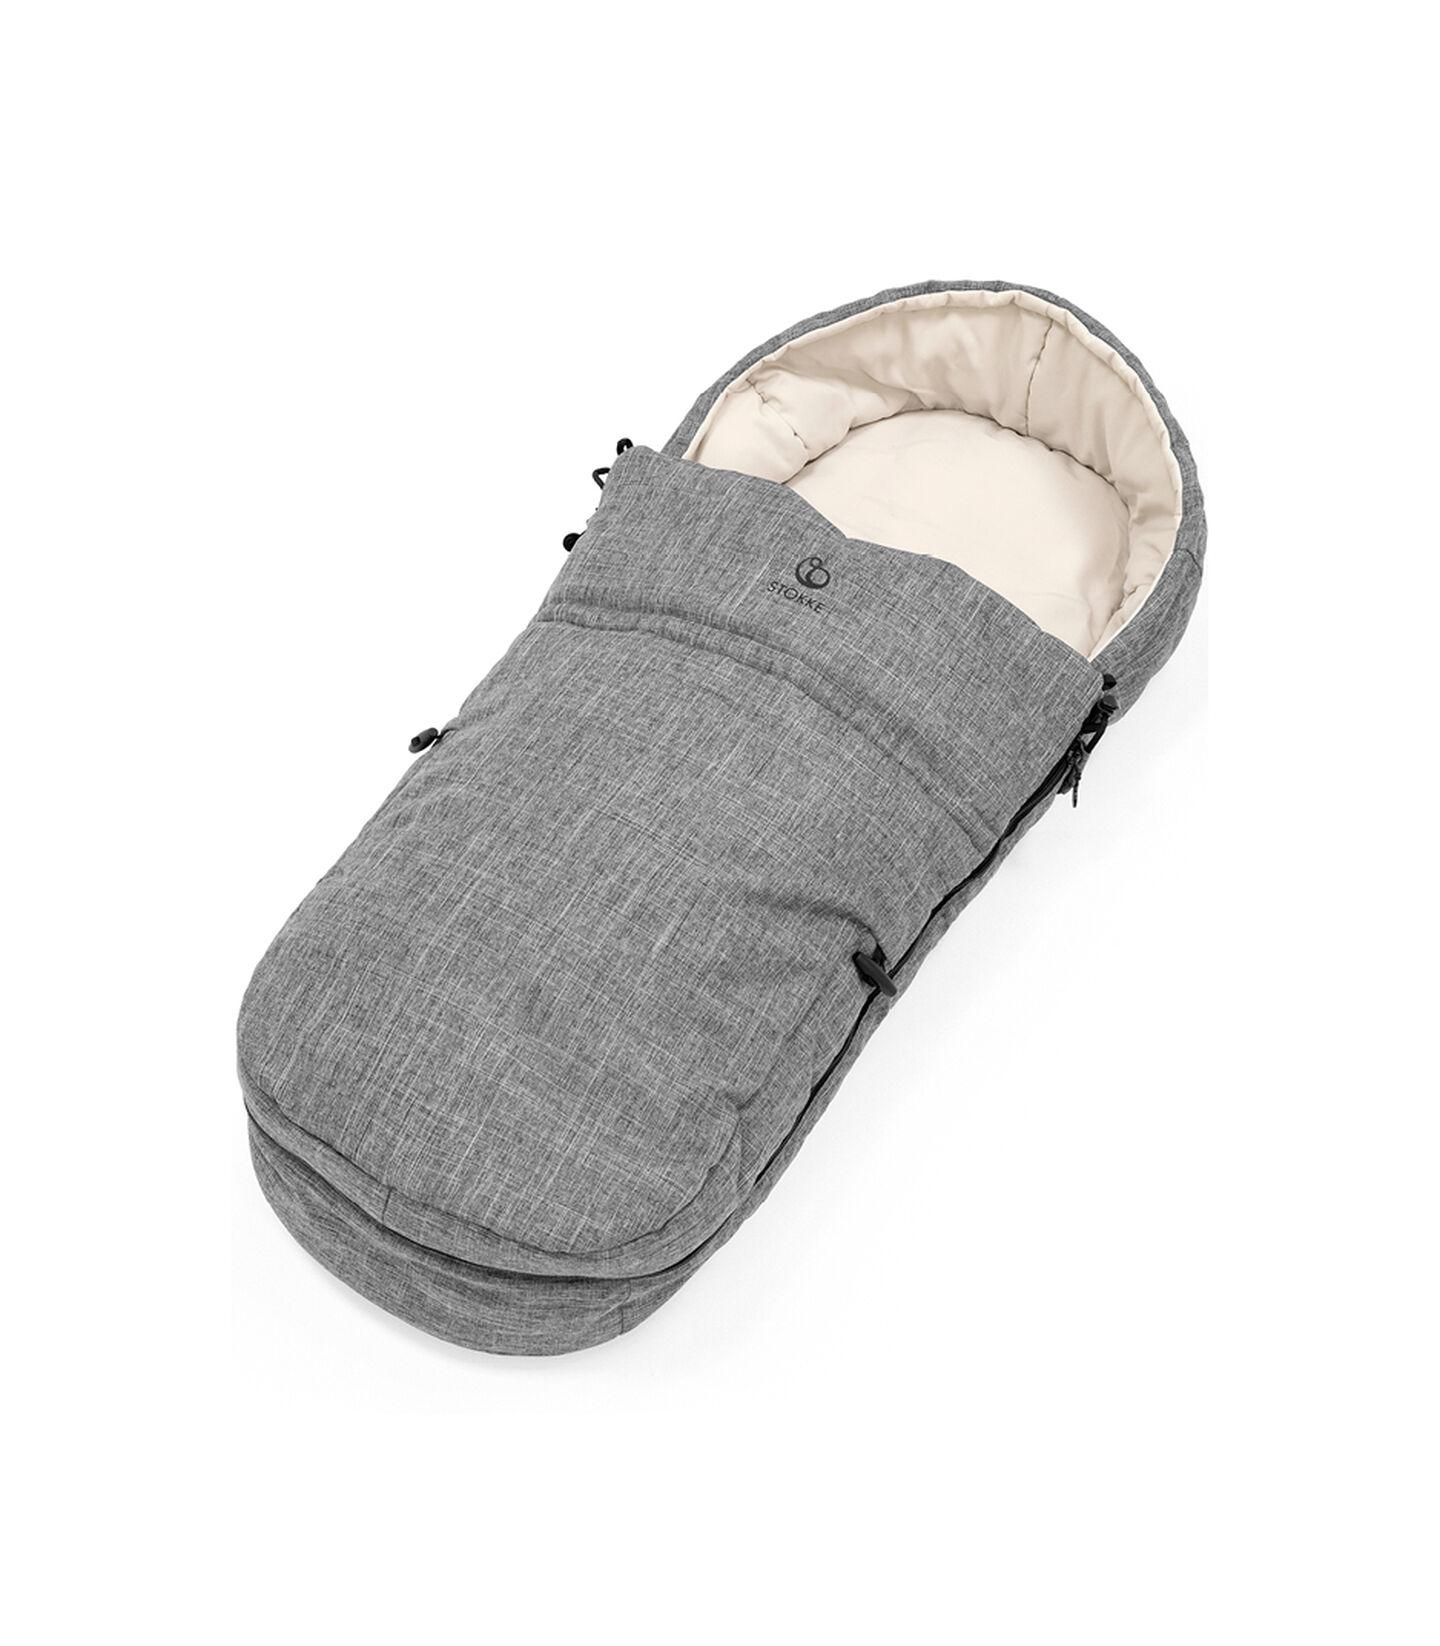 Stokke® Beat™ Soft Bag, Black Melange. view 2